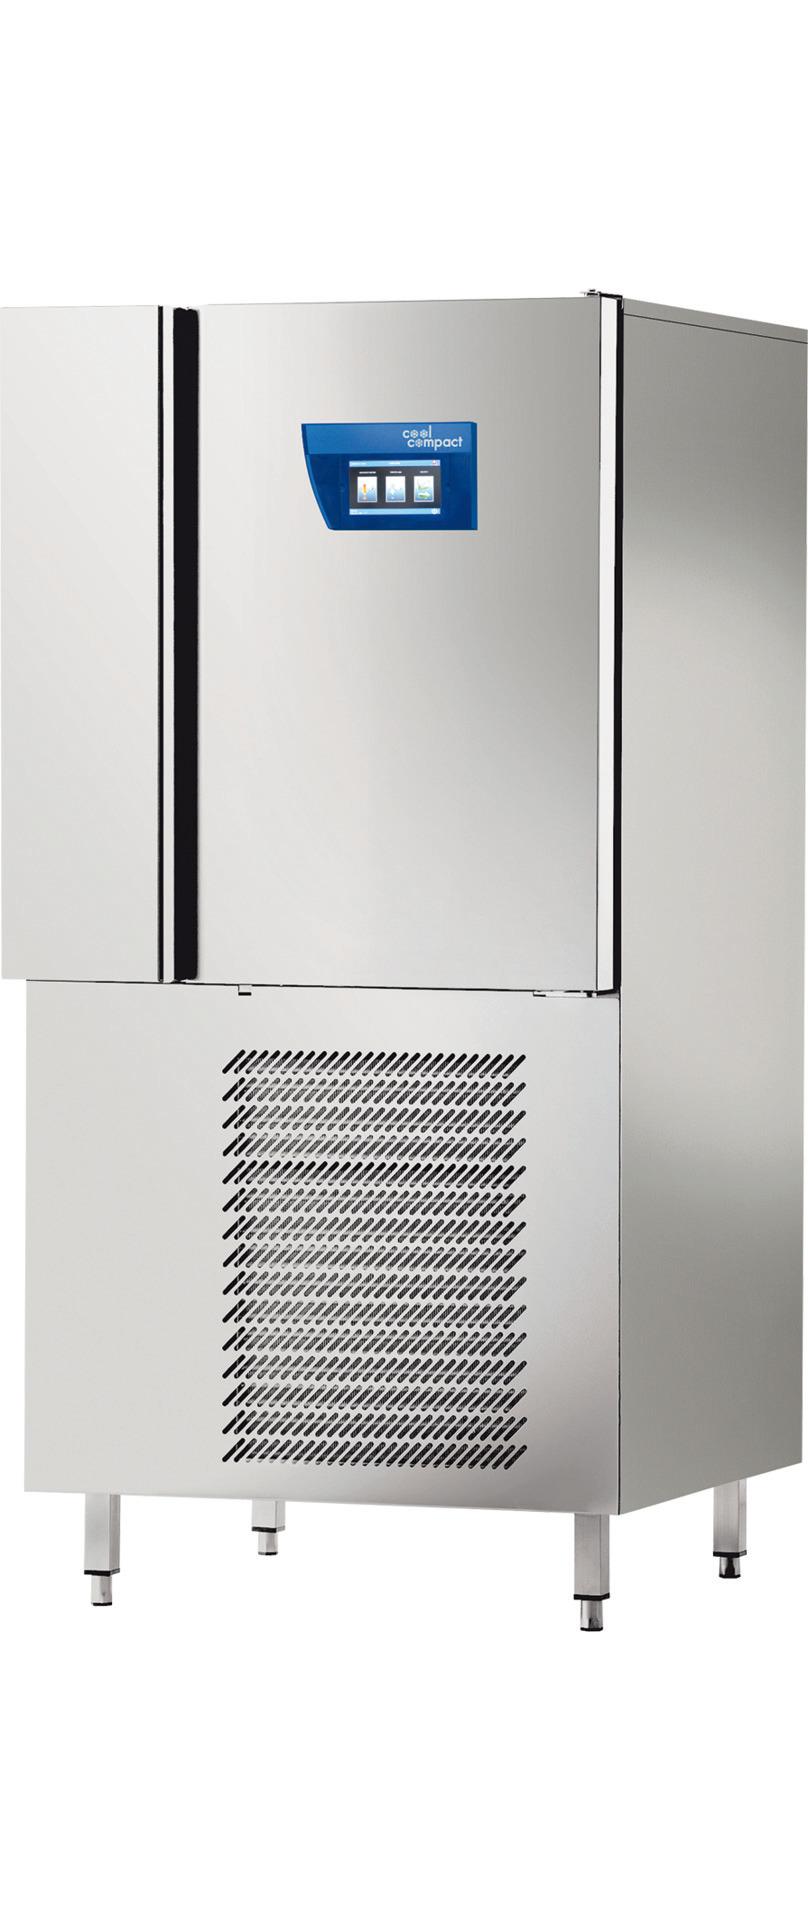 Schnellkühler / Schockfroster 10x GN 1/1 Längseinschub / zentralgekühlt